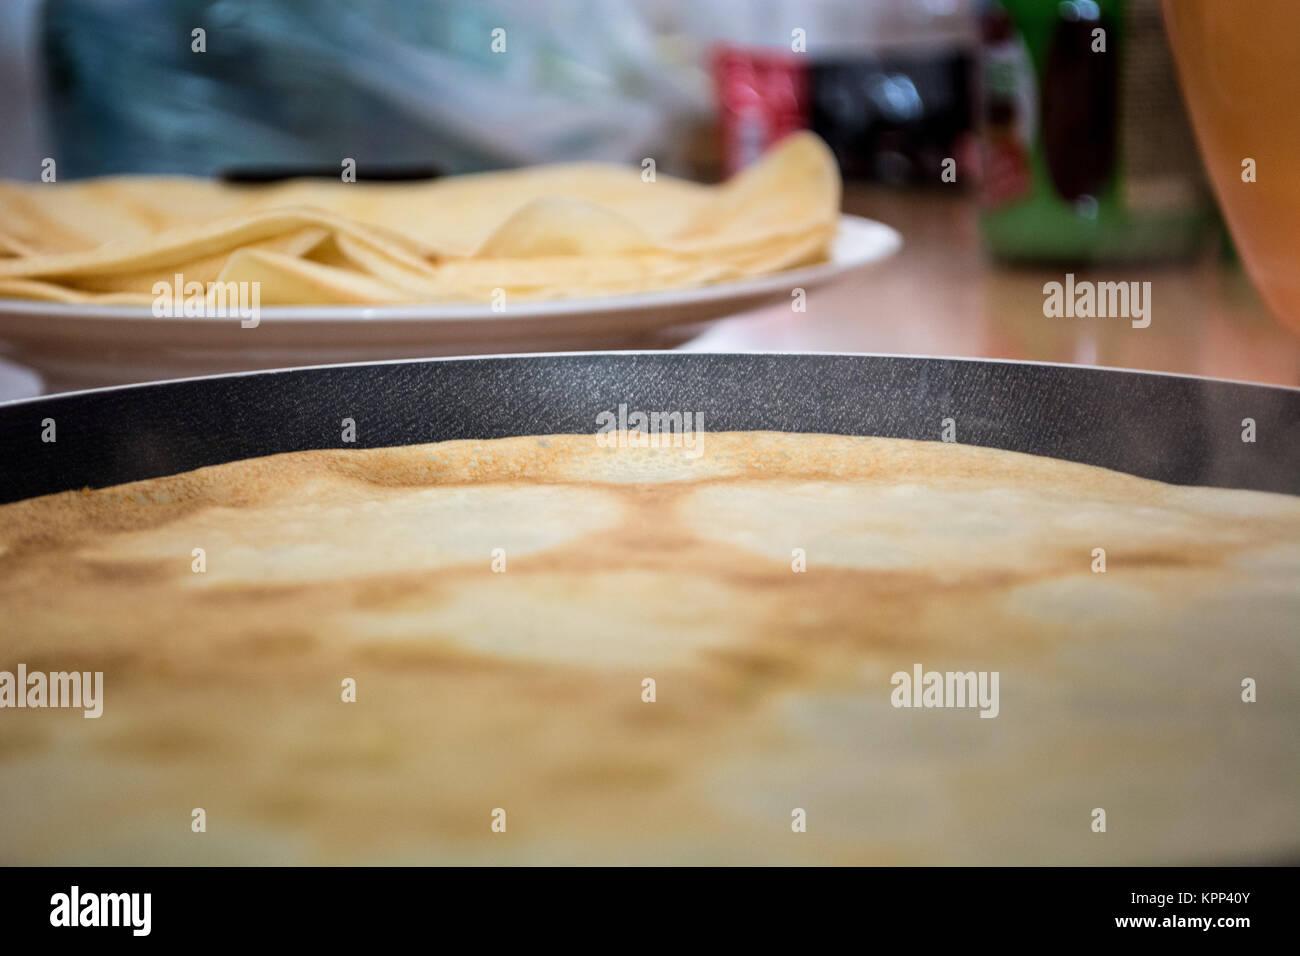 Closeup of pancakes - Stock Image